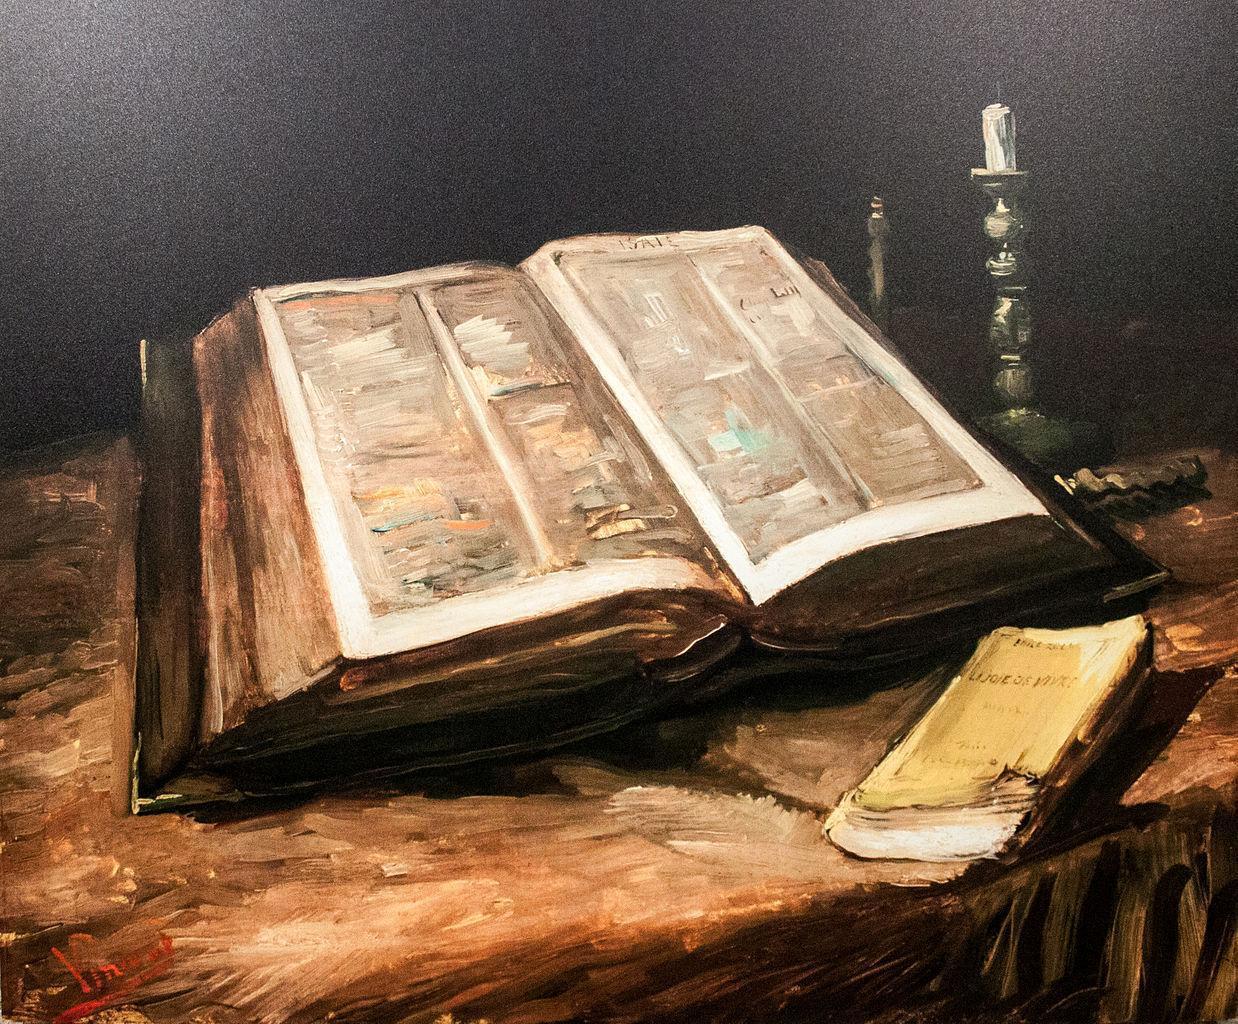 油画静物_《圣经》静物画_Still Life with Bible-文森特·梵高